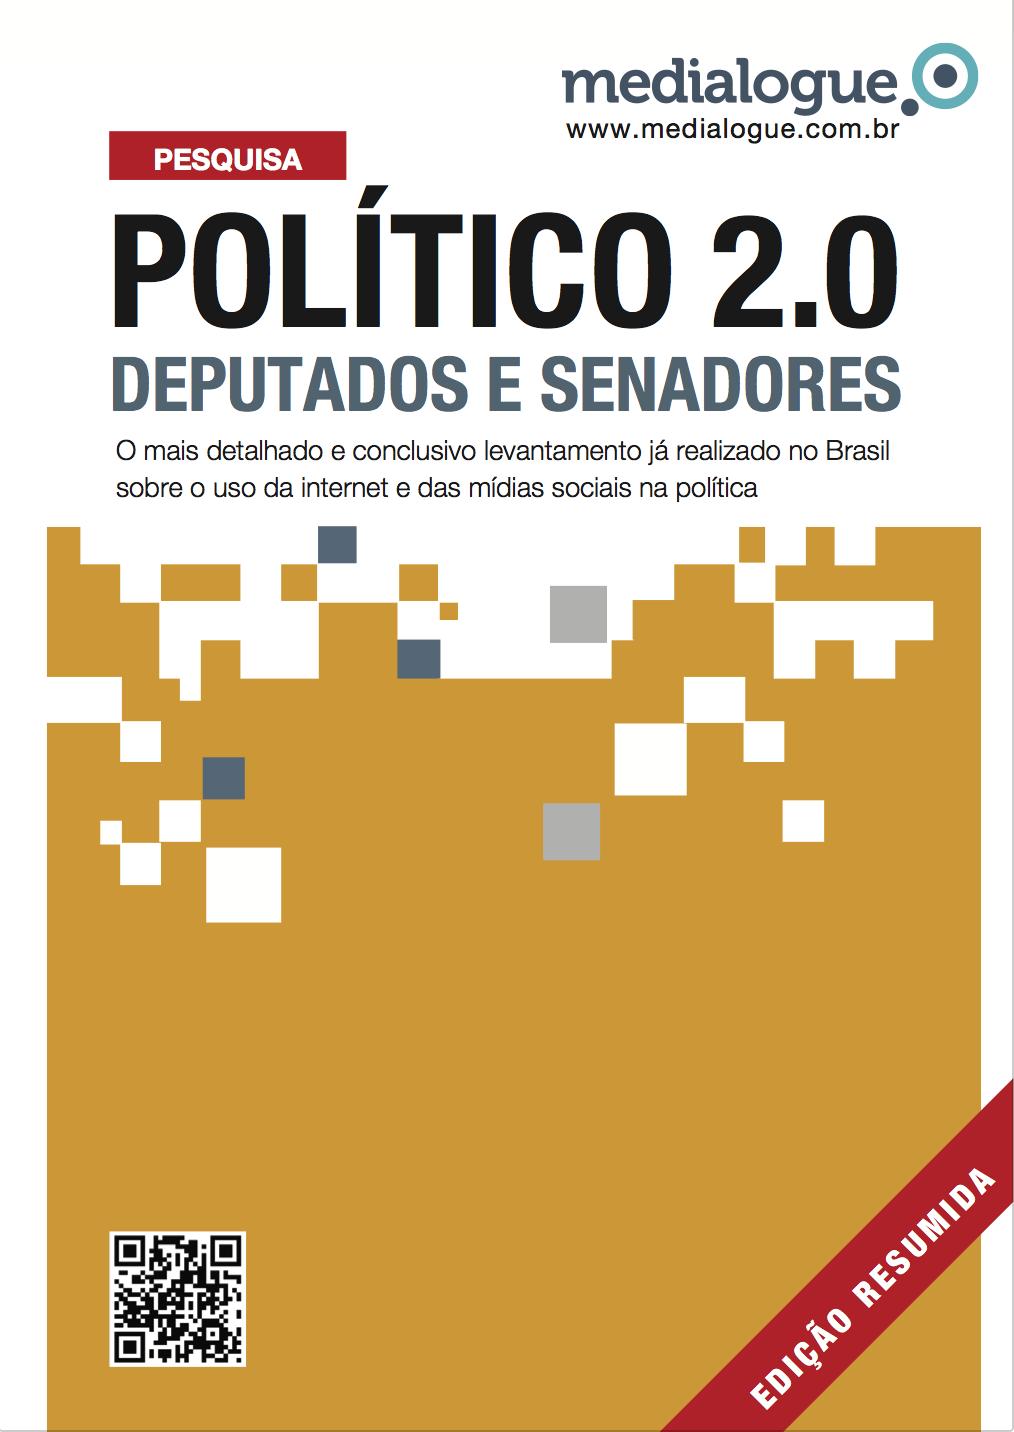 Politico-20-Deputados-Senadores-2011-Medialogue